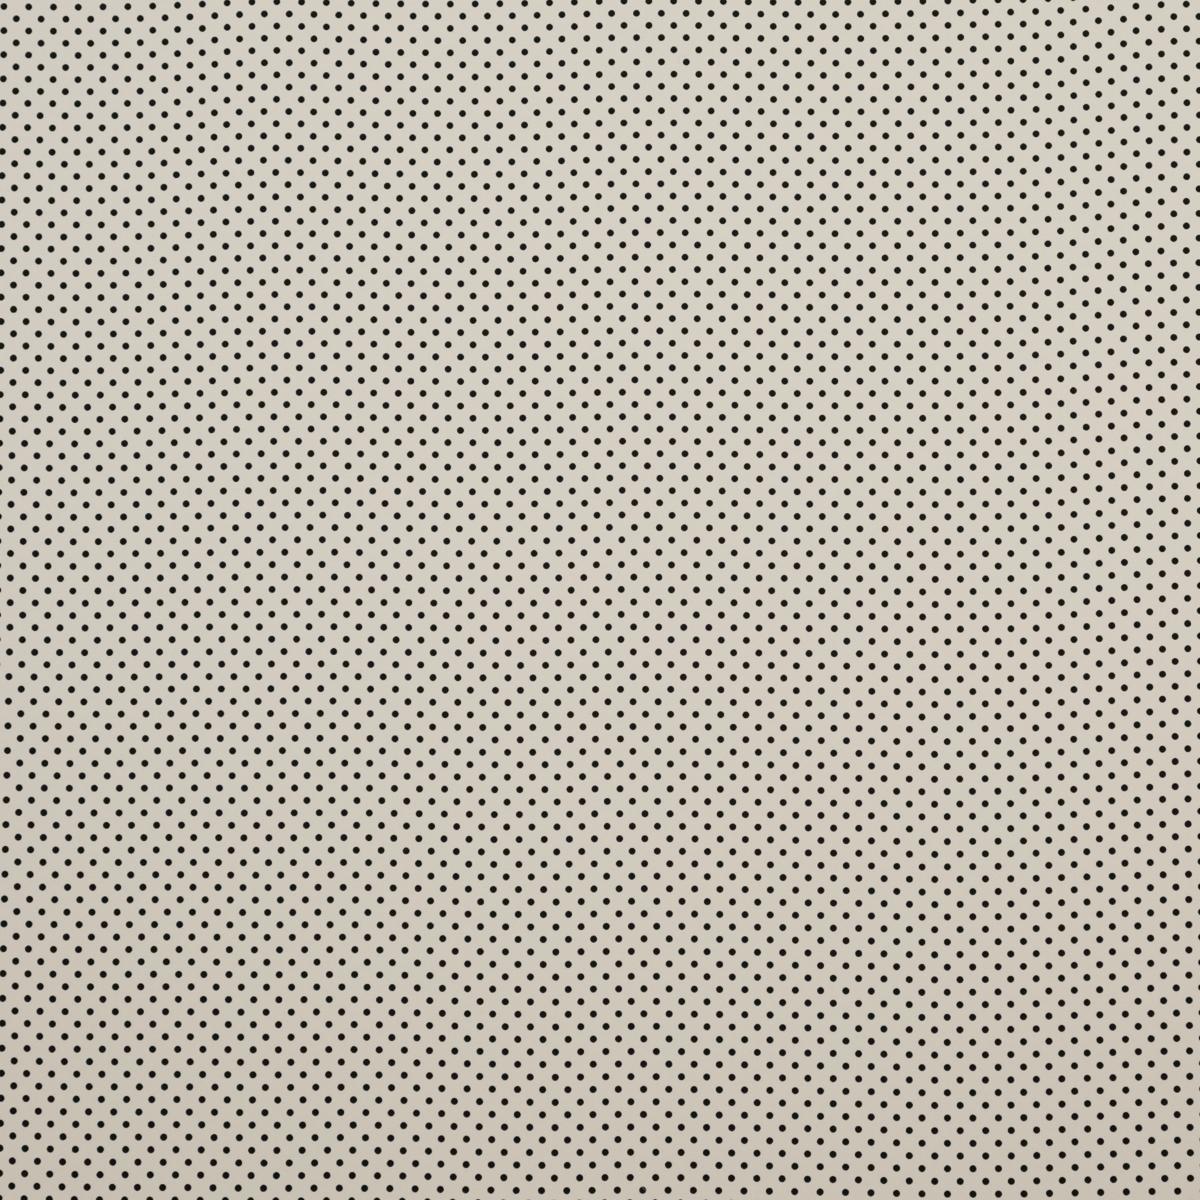 Полушерстяная ткань с шёлком молочного цвета в горох